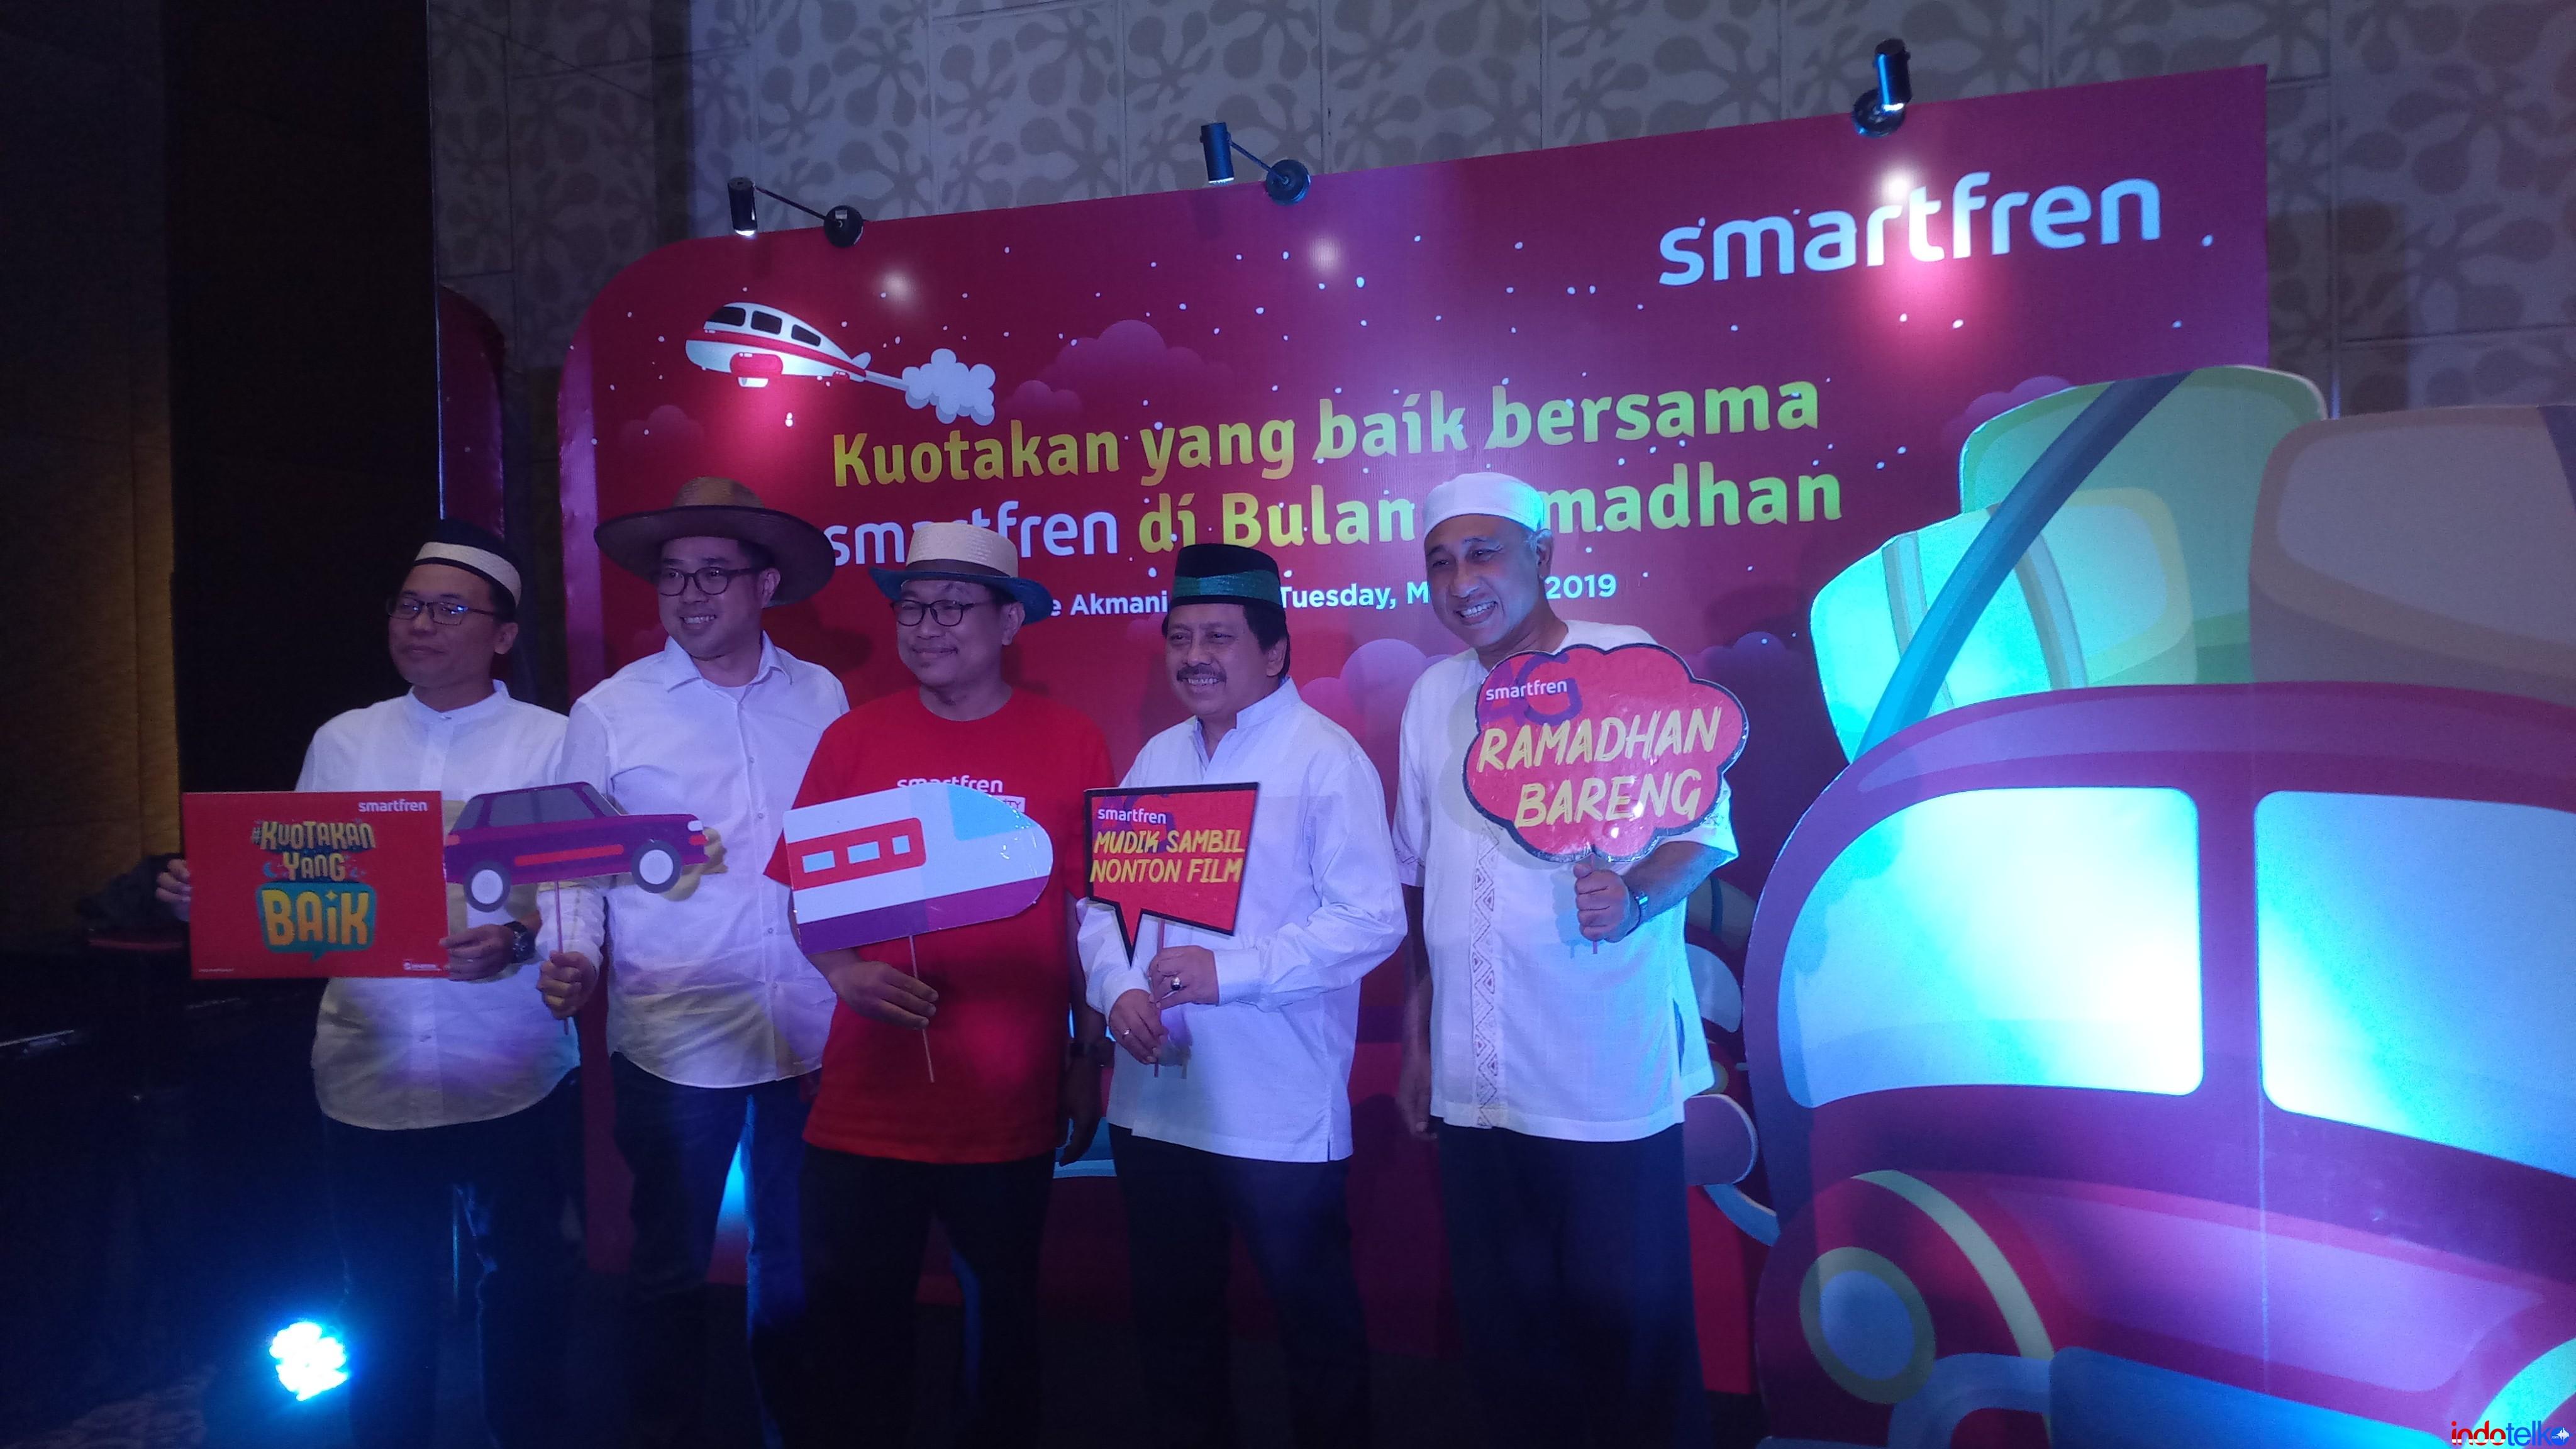 Smartfren pastikan layanan prima jelang lebaran 2019